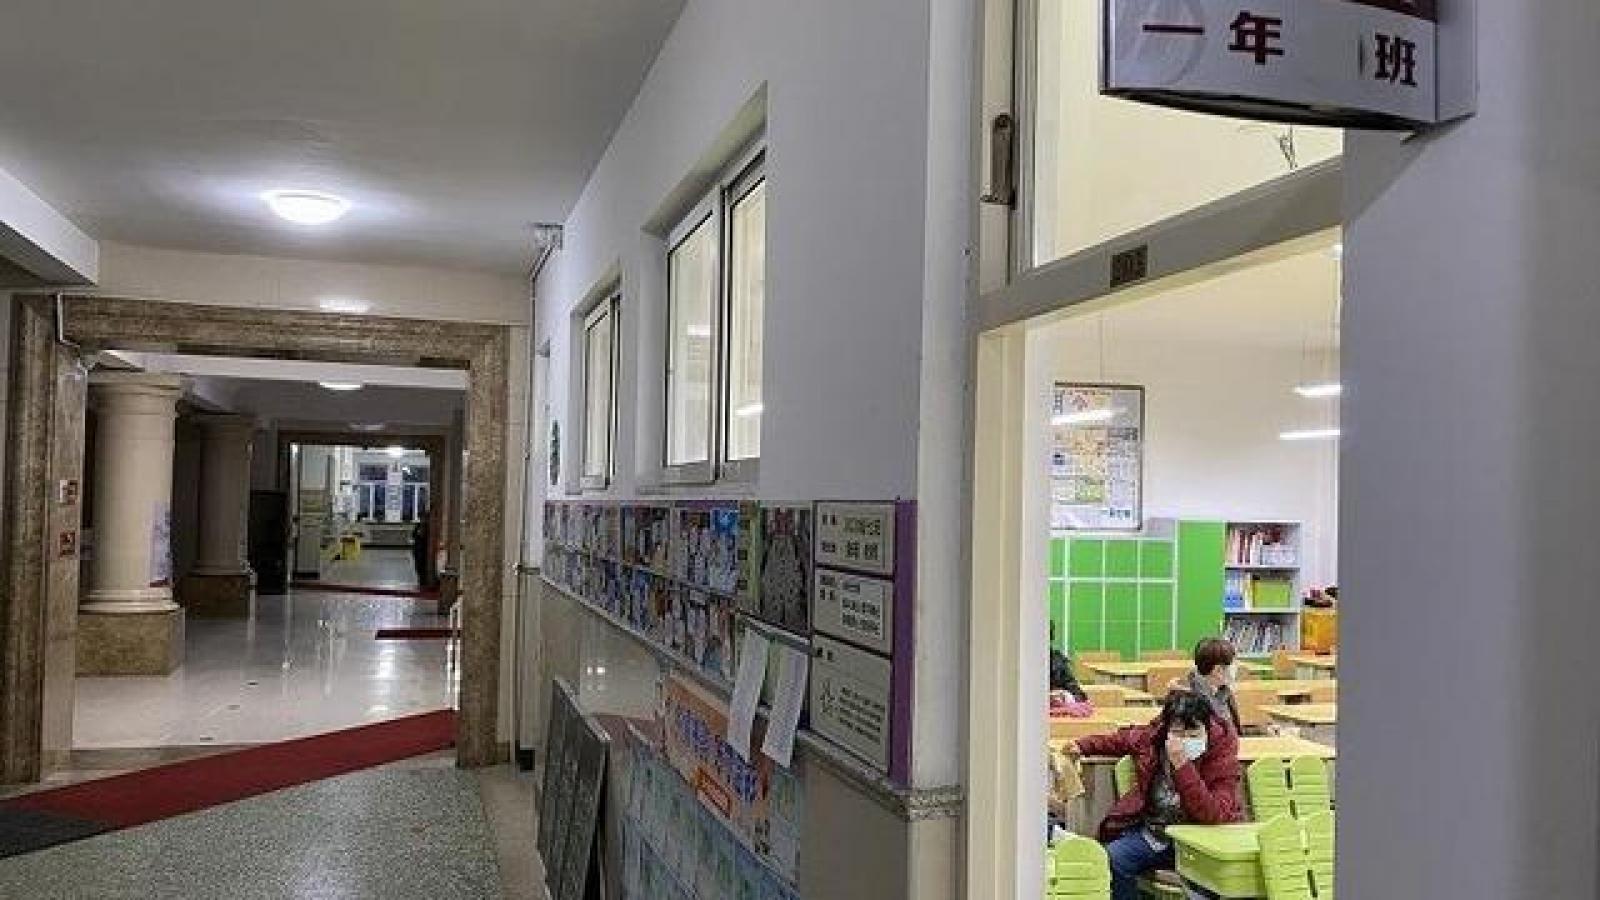 Hơn 100 học sinh và giáo viên tiểu học ở Trung Quốc bị nhiễm norovirus